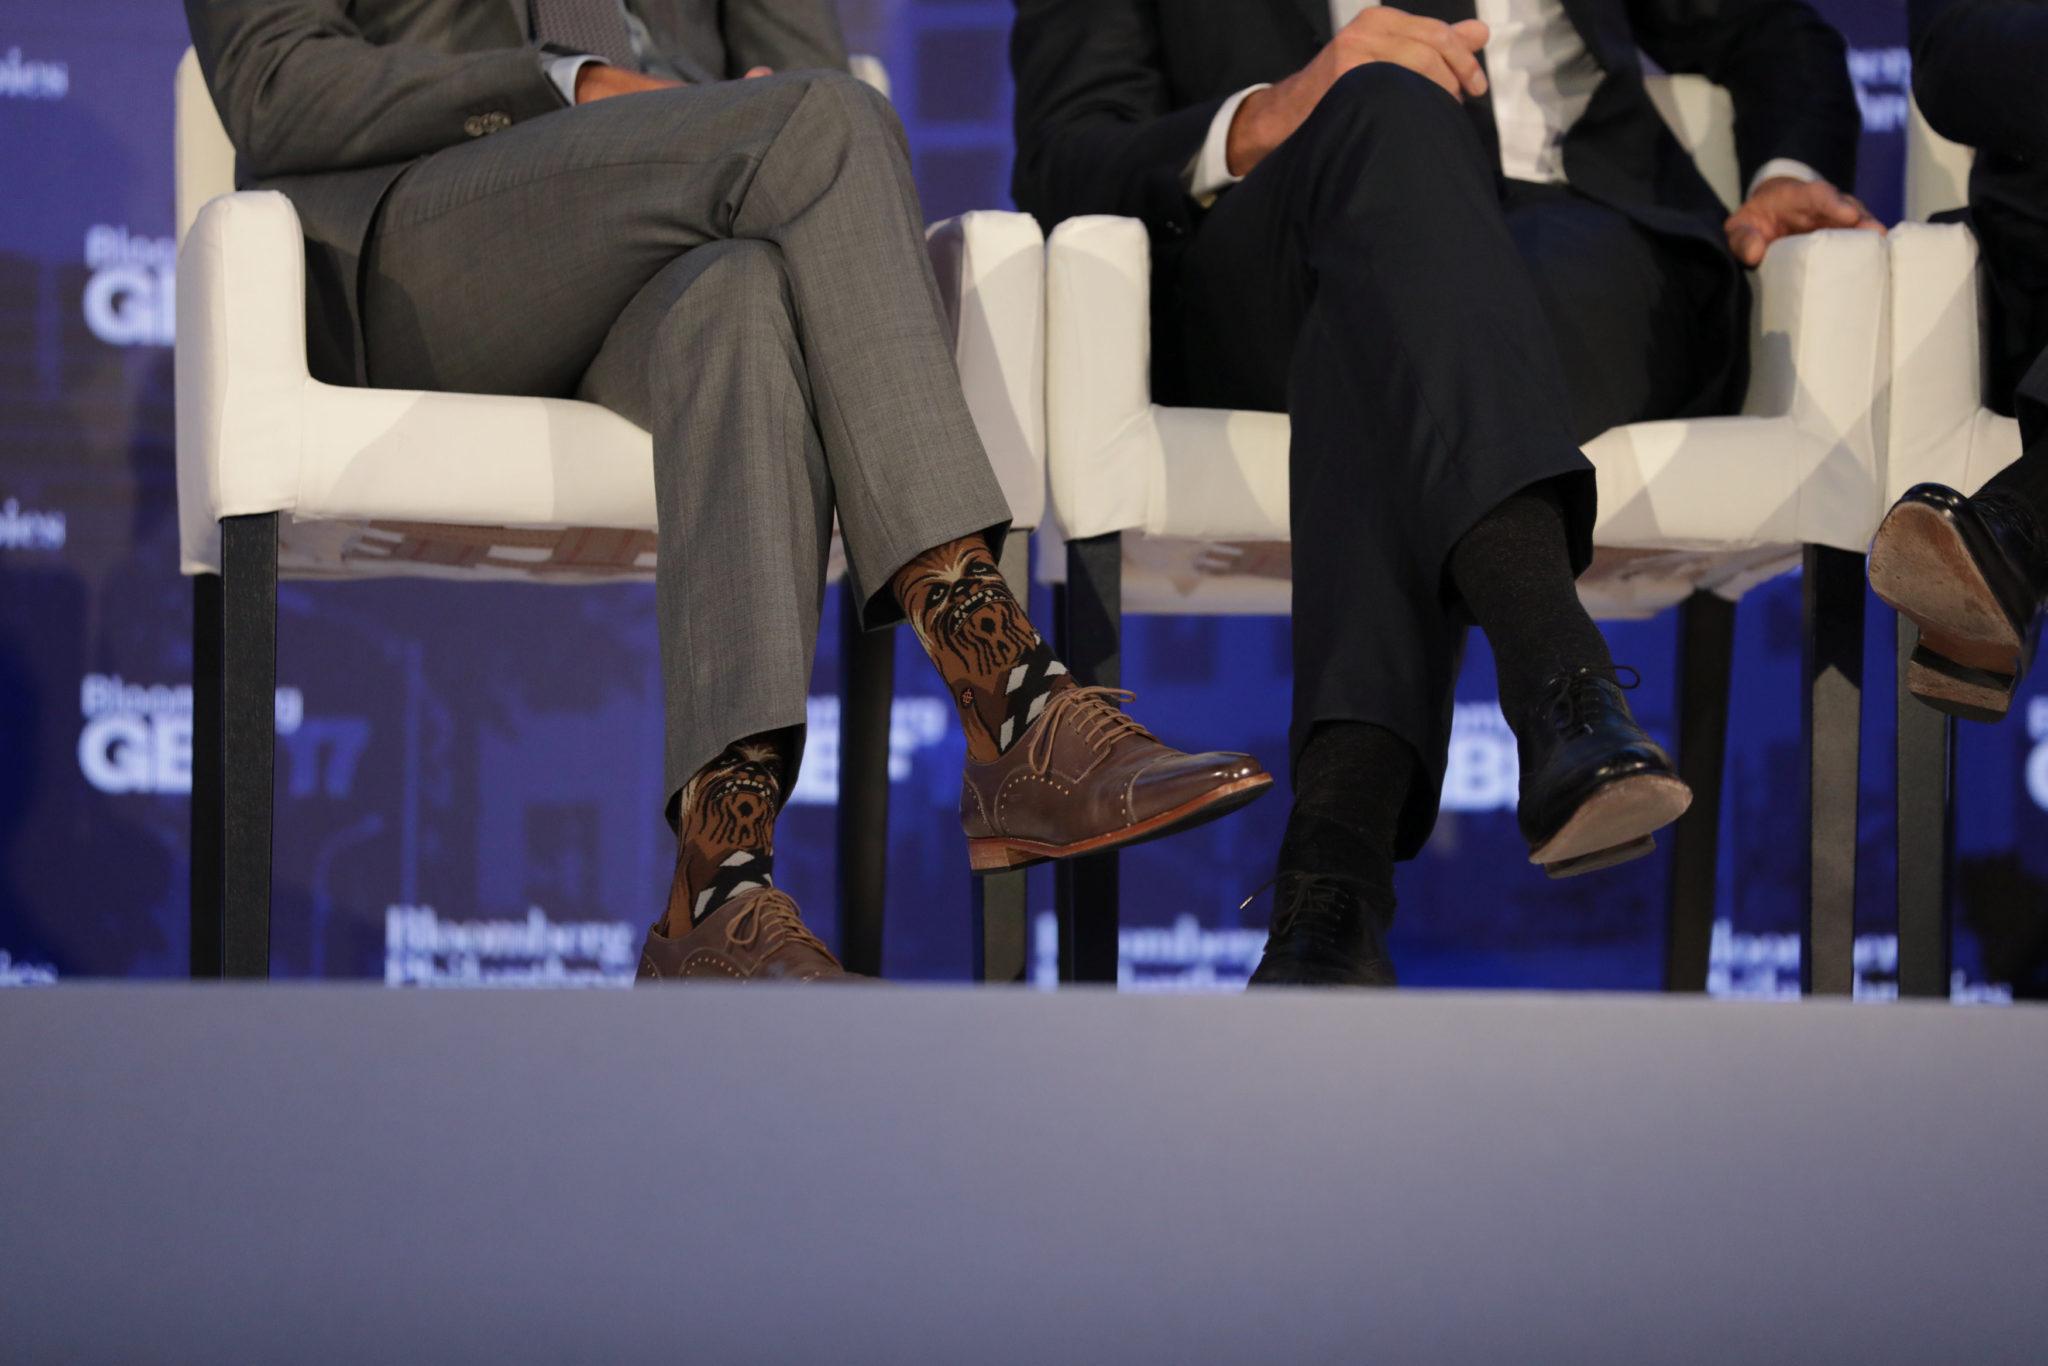 Носки премьер-министра Канады Джастина Трюдо стали глобальным событием на бизнес-форуме Bloomberg